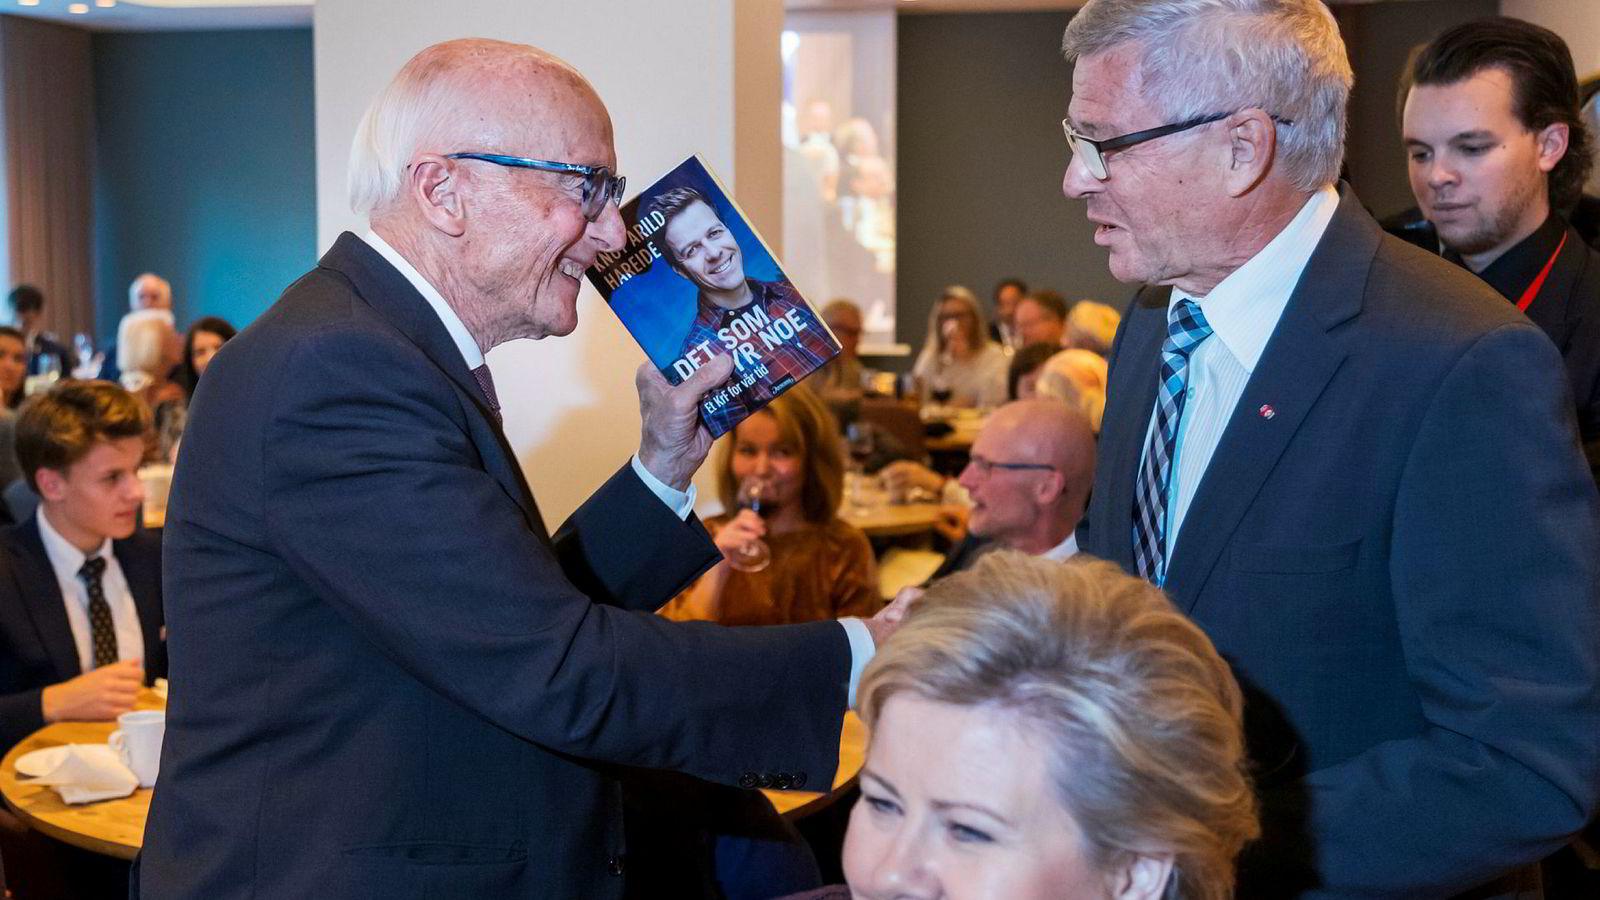 Kjell Magne Bondevik ga Kåre Willoch Knut Arild Hareides bok om Kristelig Folkeparti som gave på søndag. Like ved satt statsminister Erna Solberg.